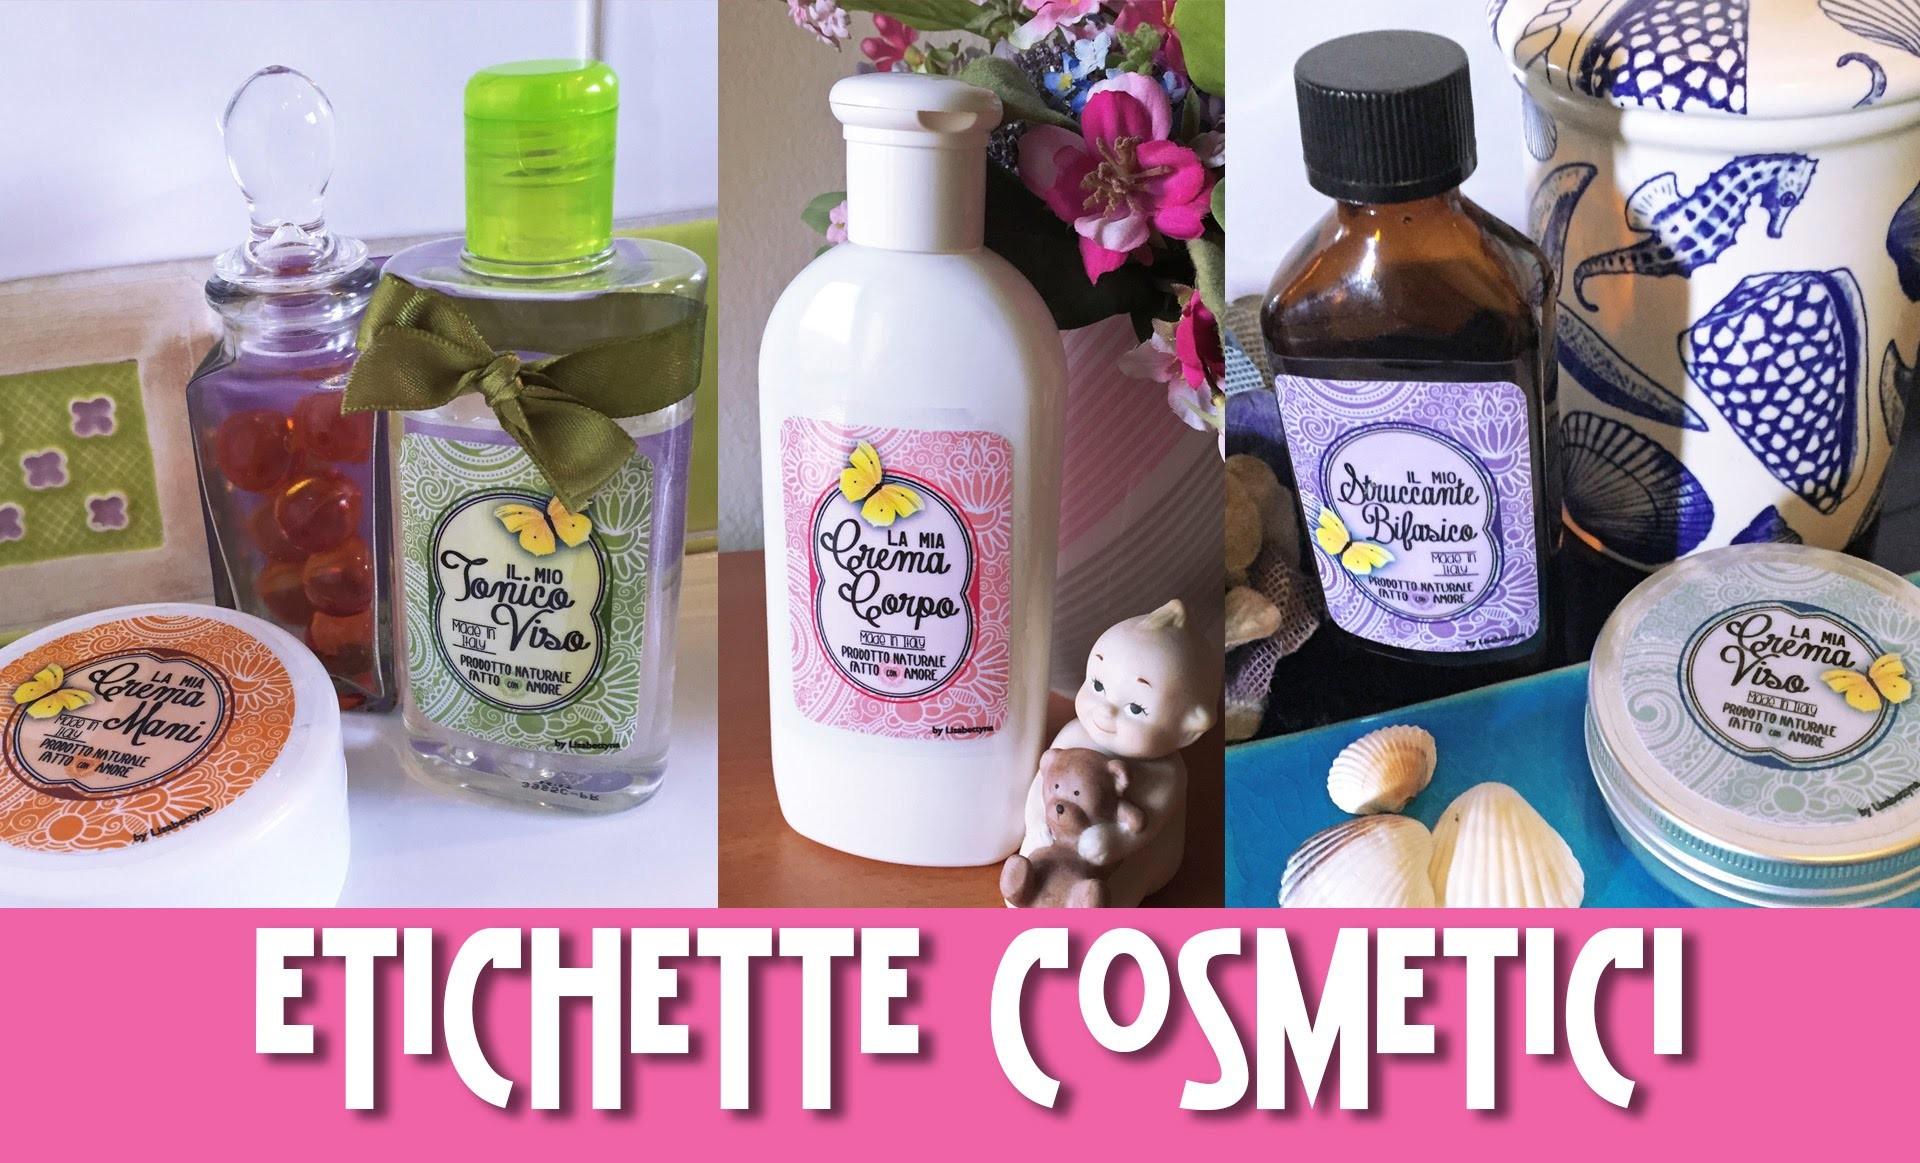 #DIY - ETICHETTE COSMETICI FAI DA TE